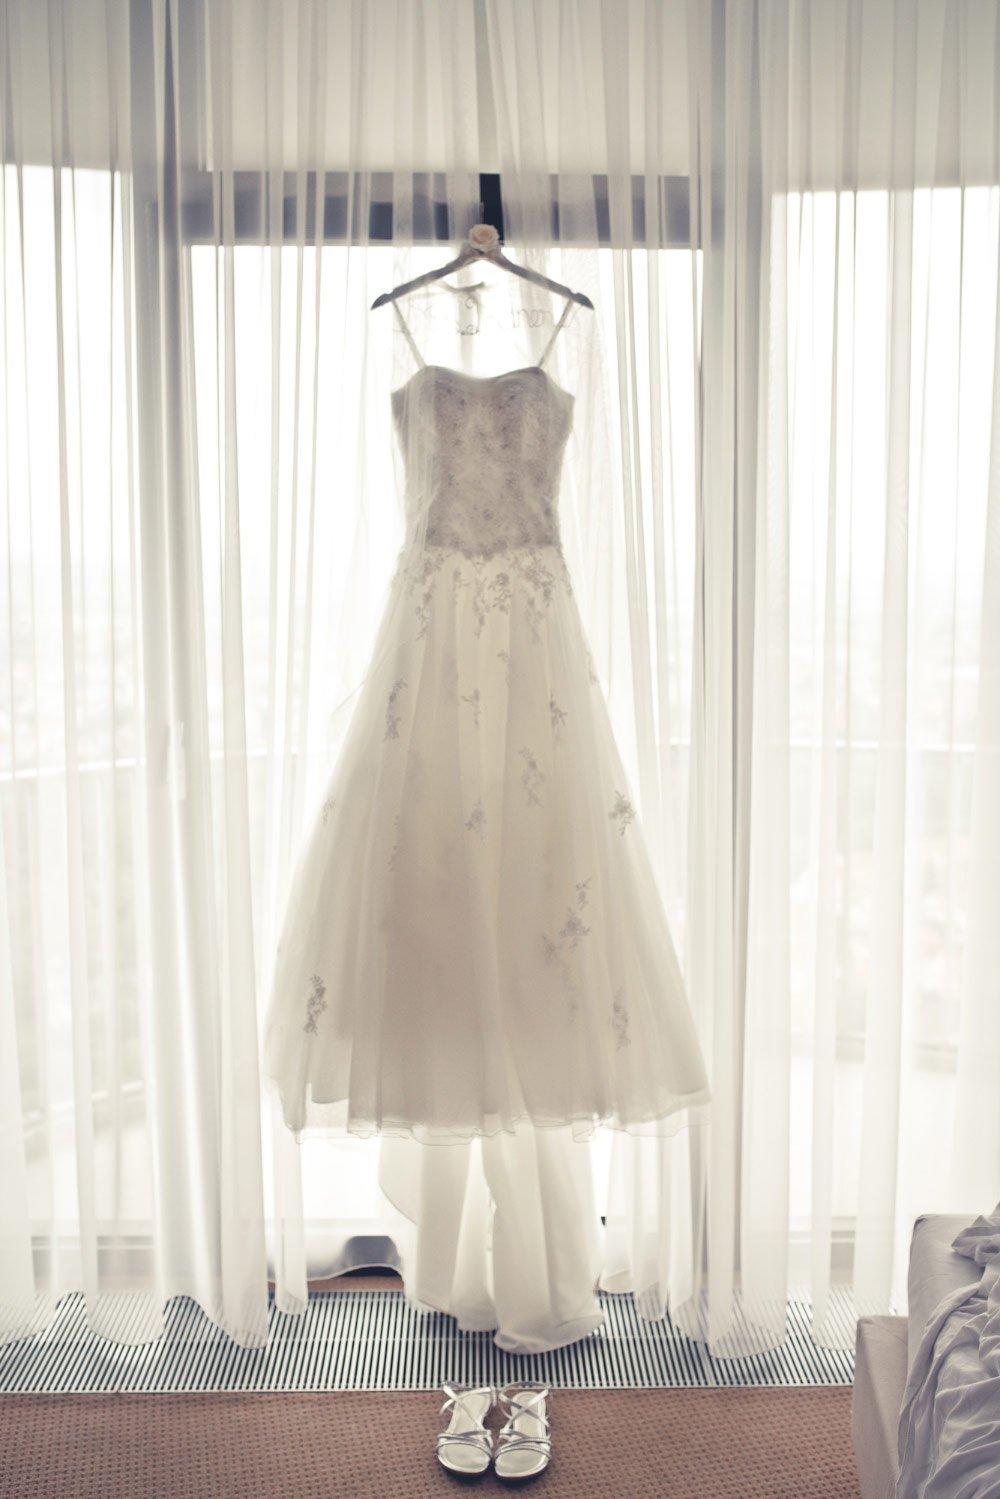 Gebrauchtes Brautkleid – Vintage in Pastelltönen: Die Hochzeit von Jennifer & Philipp